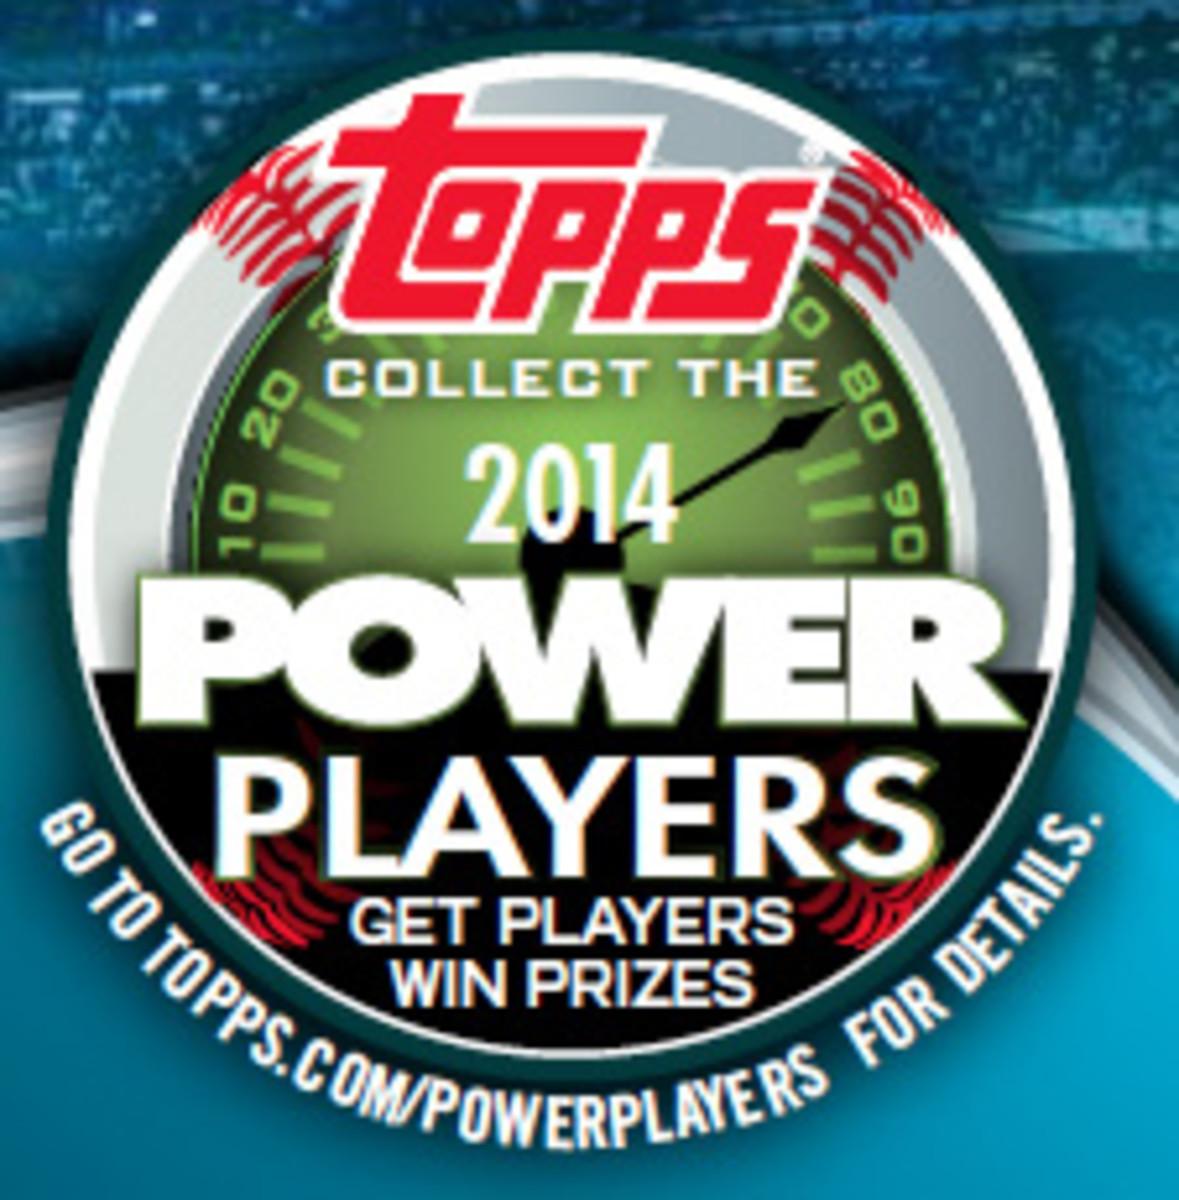 ToppsPowerPlayers